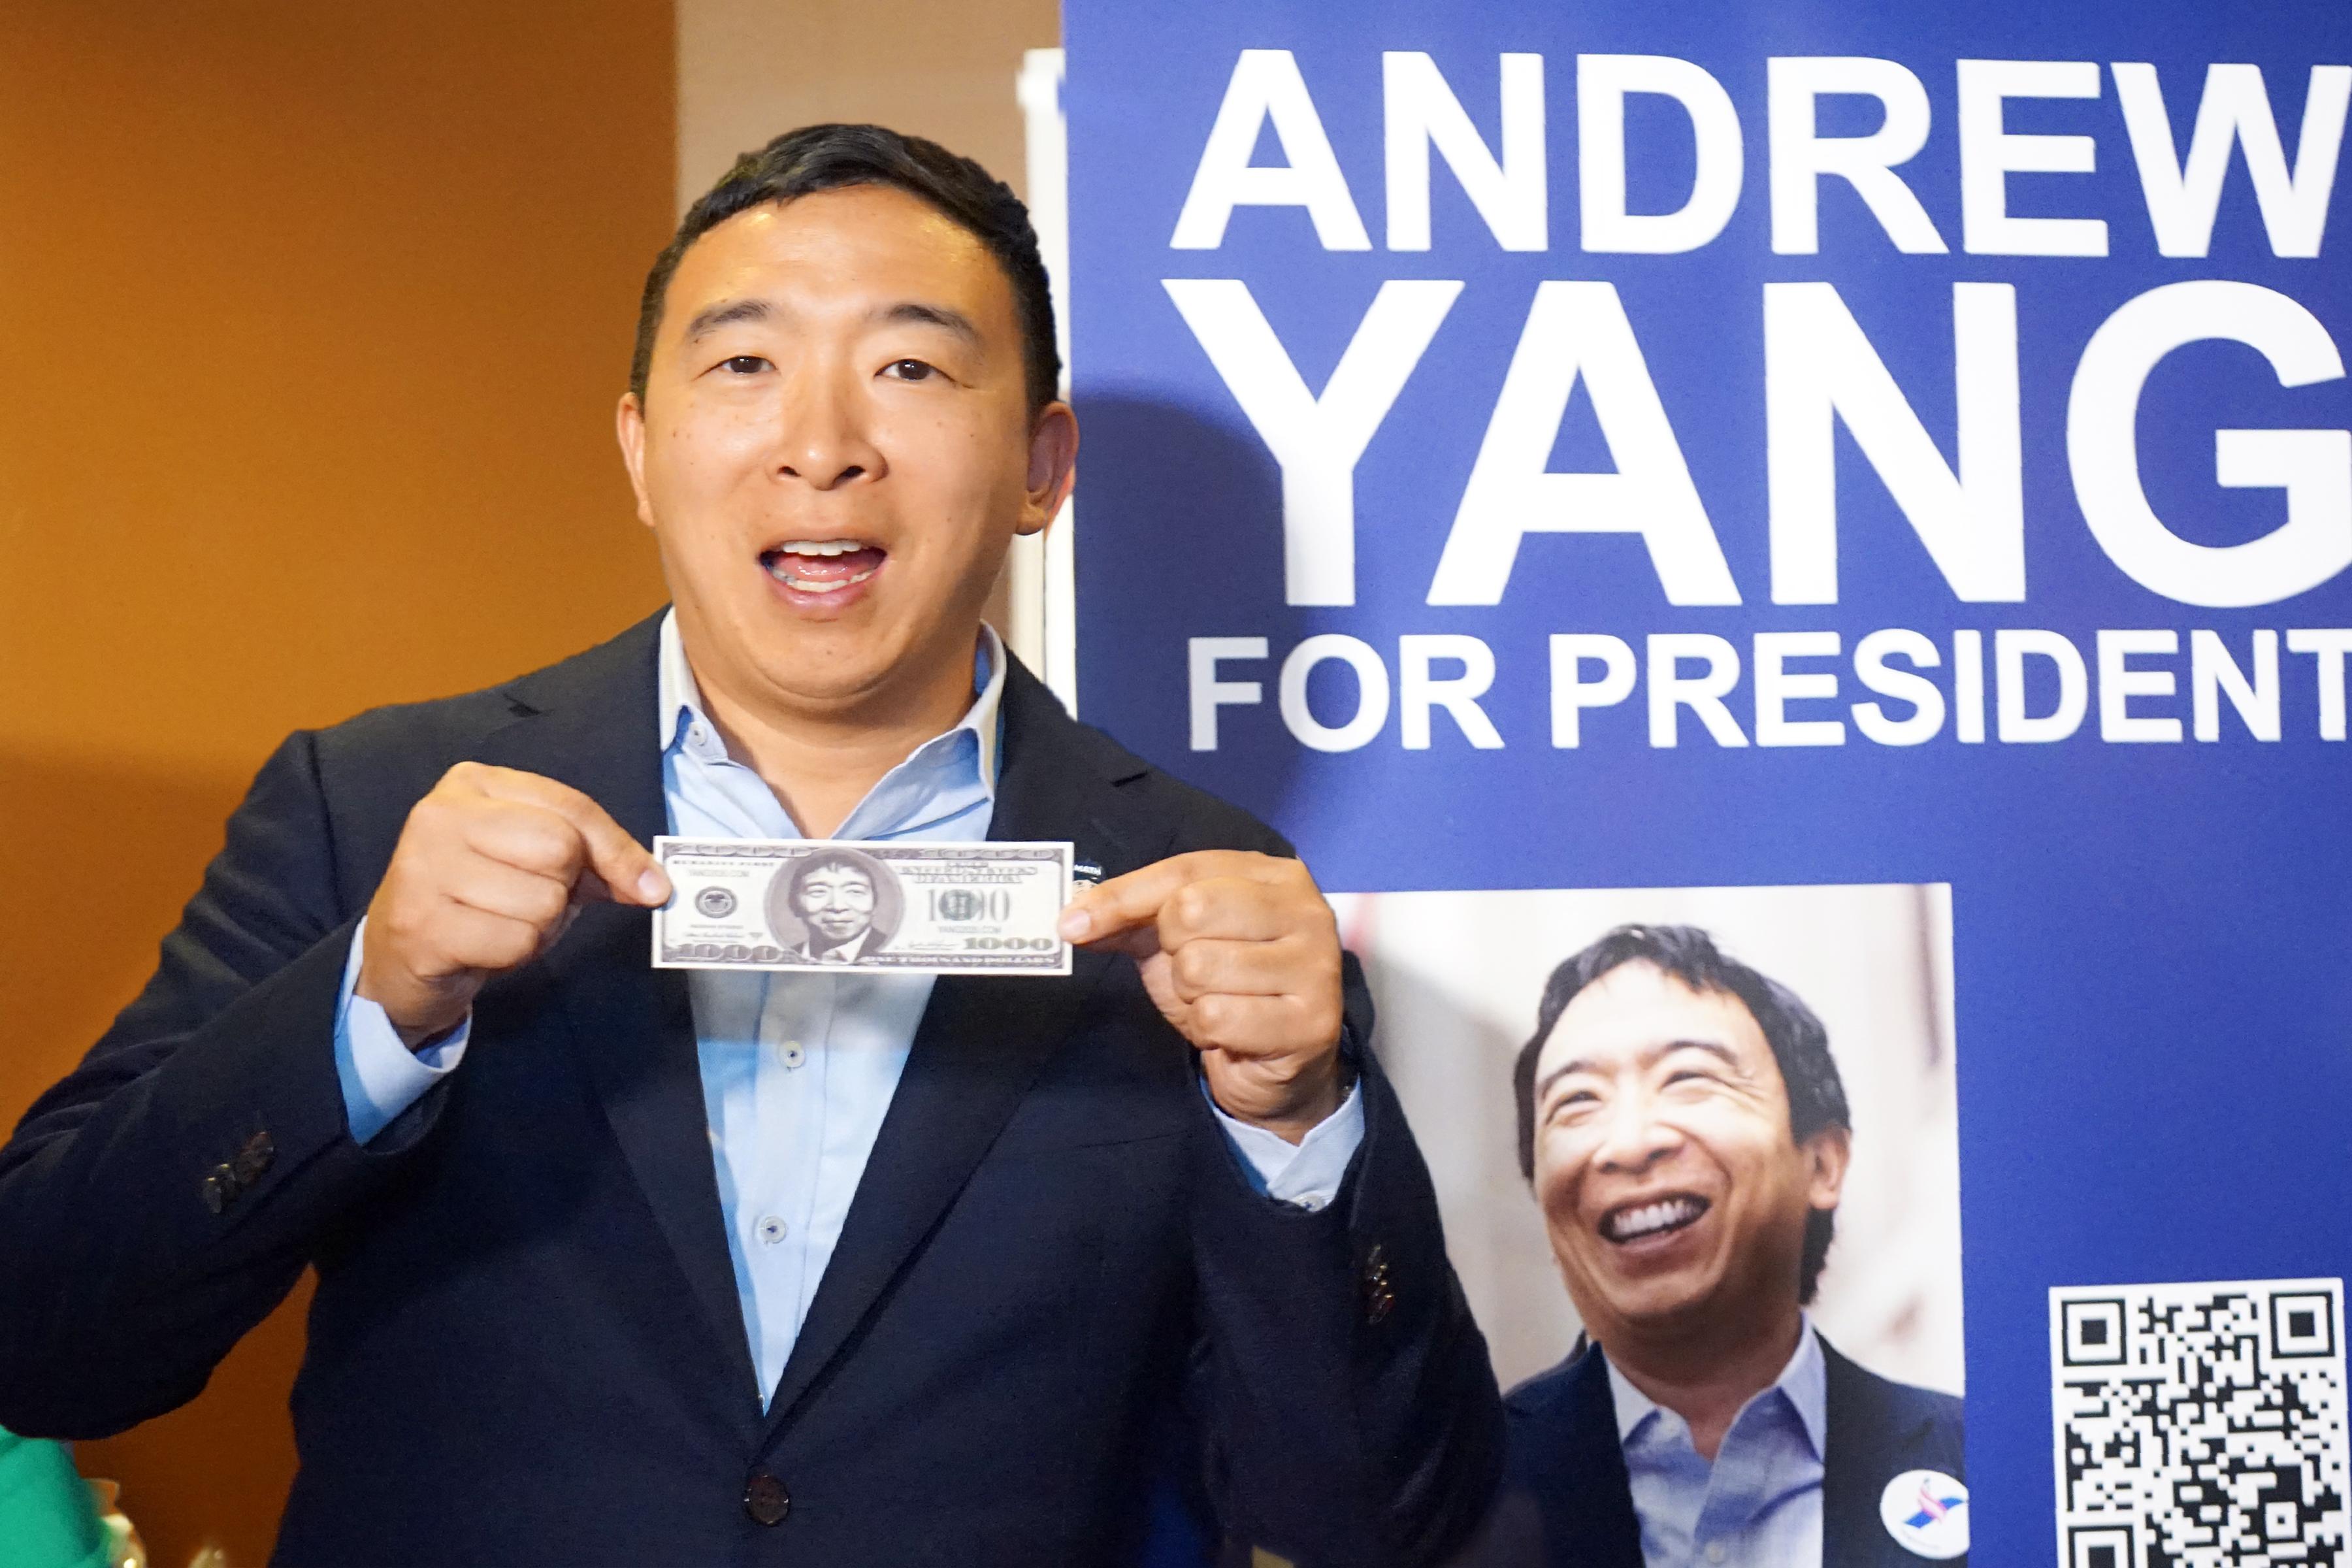 美國2020總統參選人楊安澤。(記者賈忠/攝影)